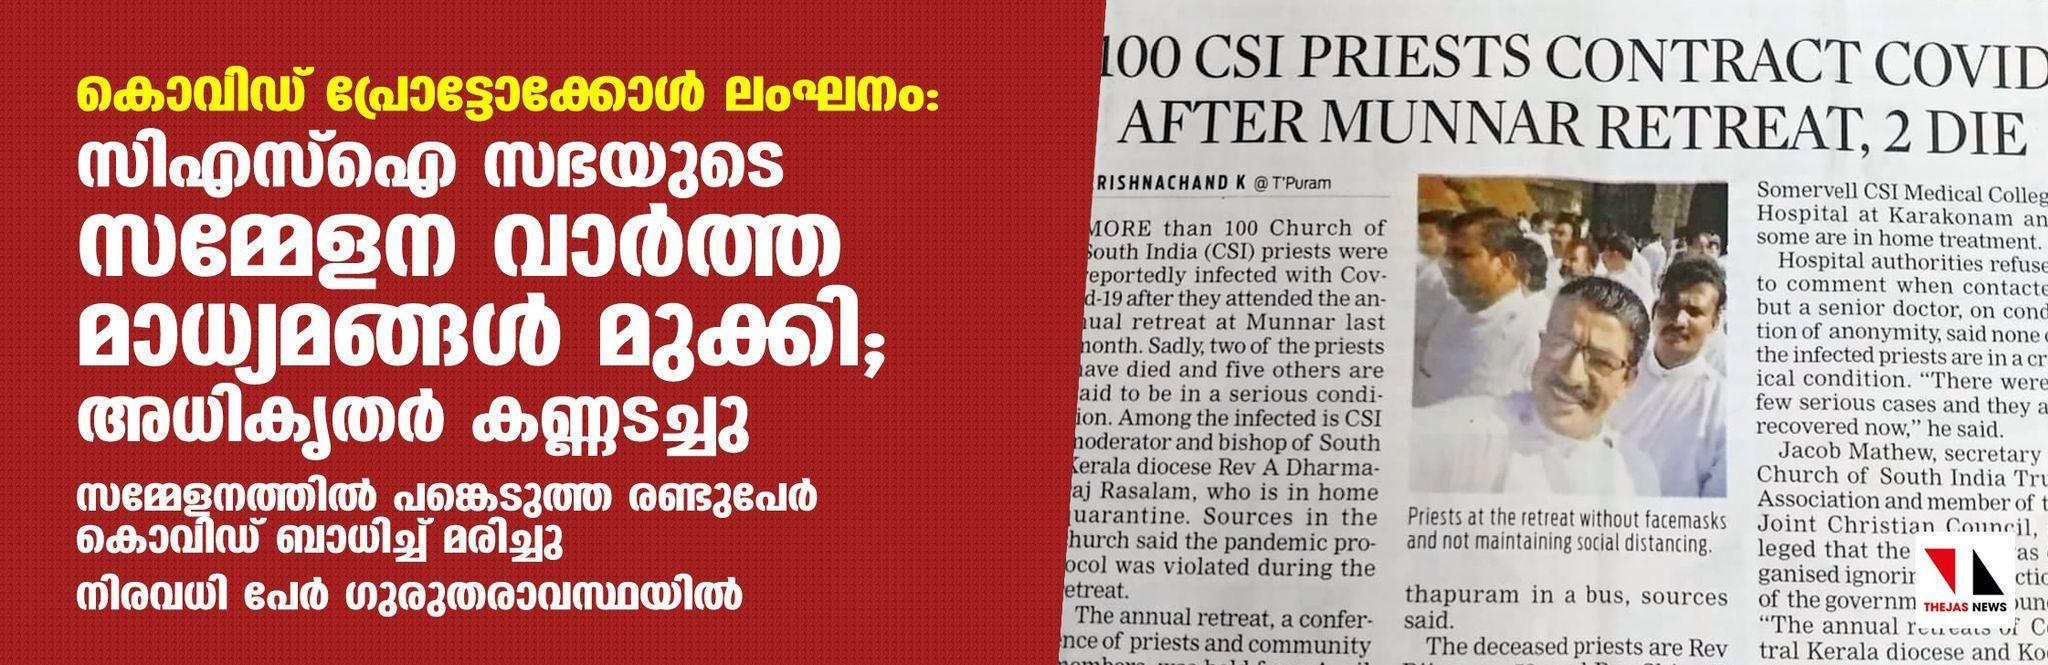 കൊവിഡ് പ്രോട്ടോക്കോള് ലംഘനം: സിഎസ്ഐ സഭയുടെ സമ്മേളന വാര്ത്ത മാധ്യമങ്ങള് മുക്കി; അധികൃതര് കണ്ണടച്ചു